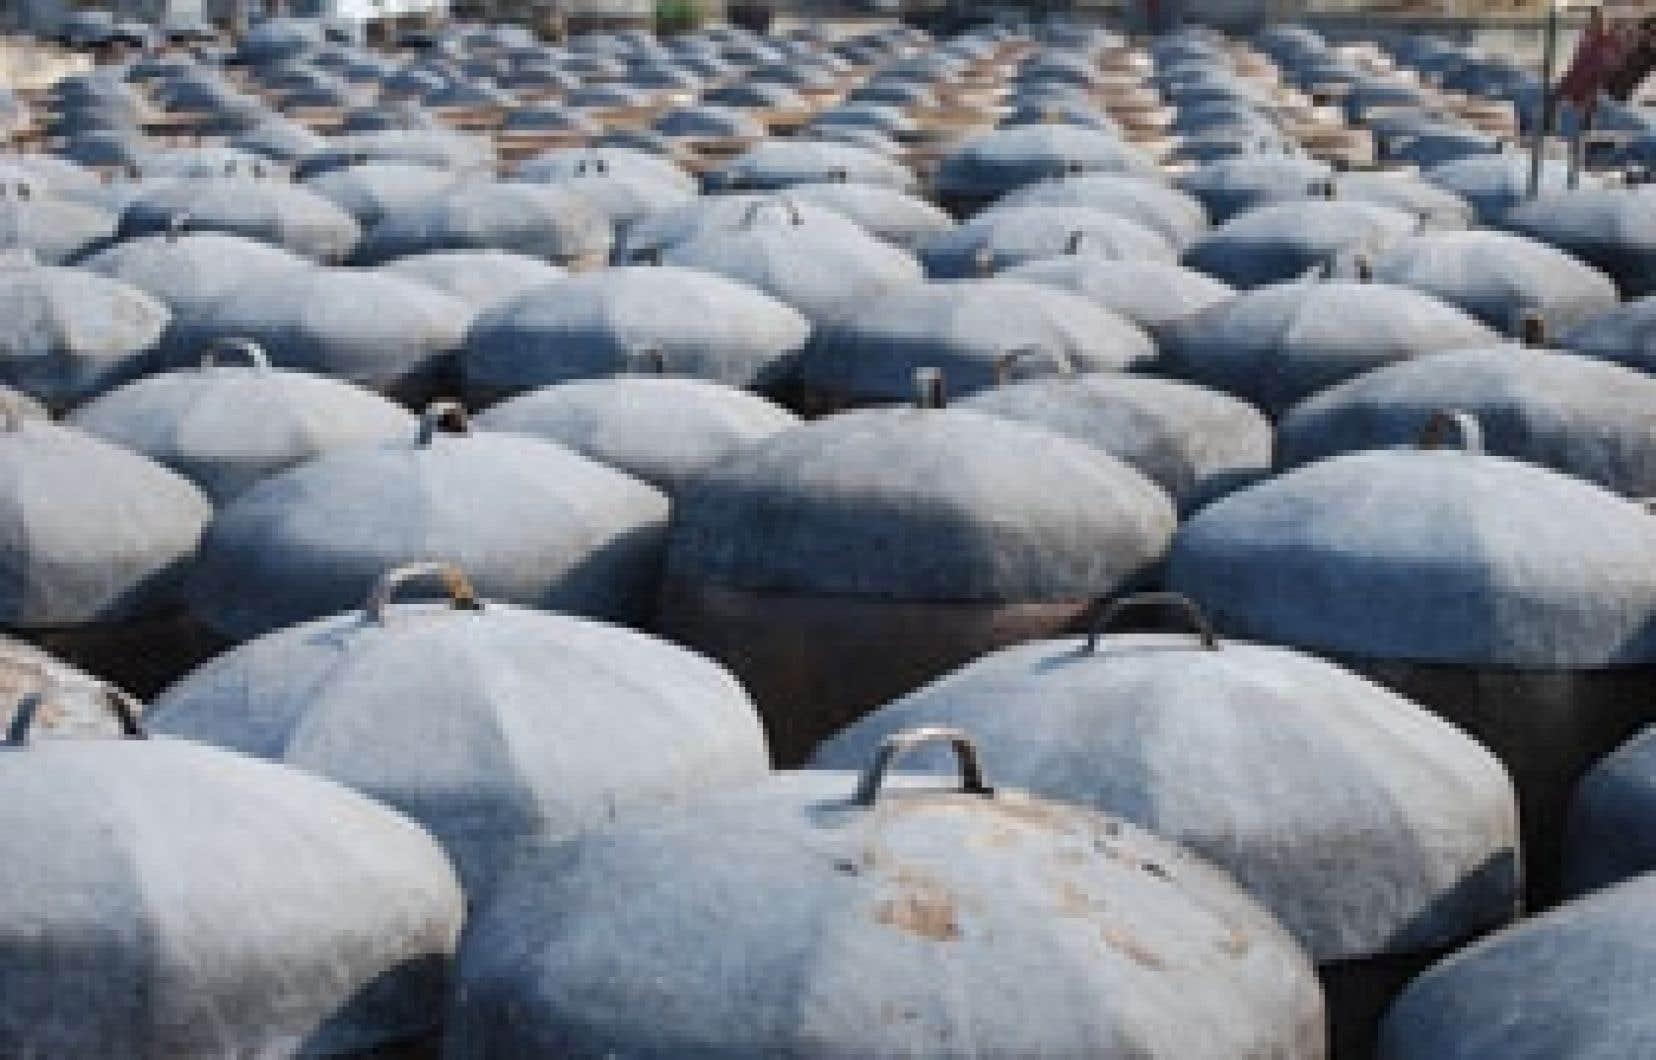 Les jarres de terre cuite contenant les fèves en fermentation. Certaines jarres ont plus de 200 ans.